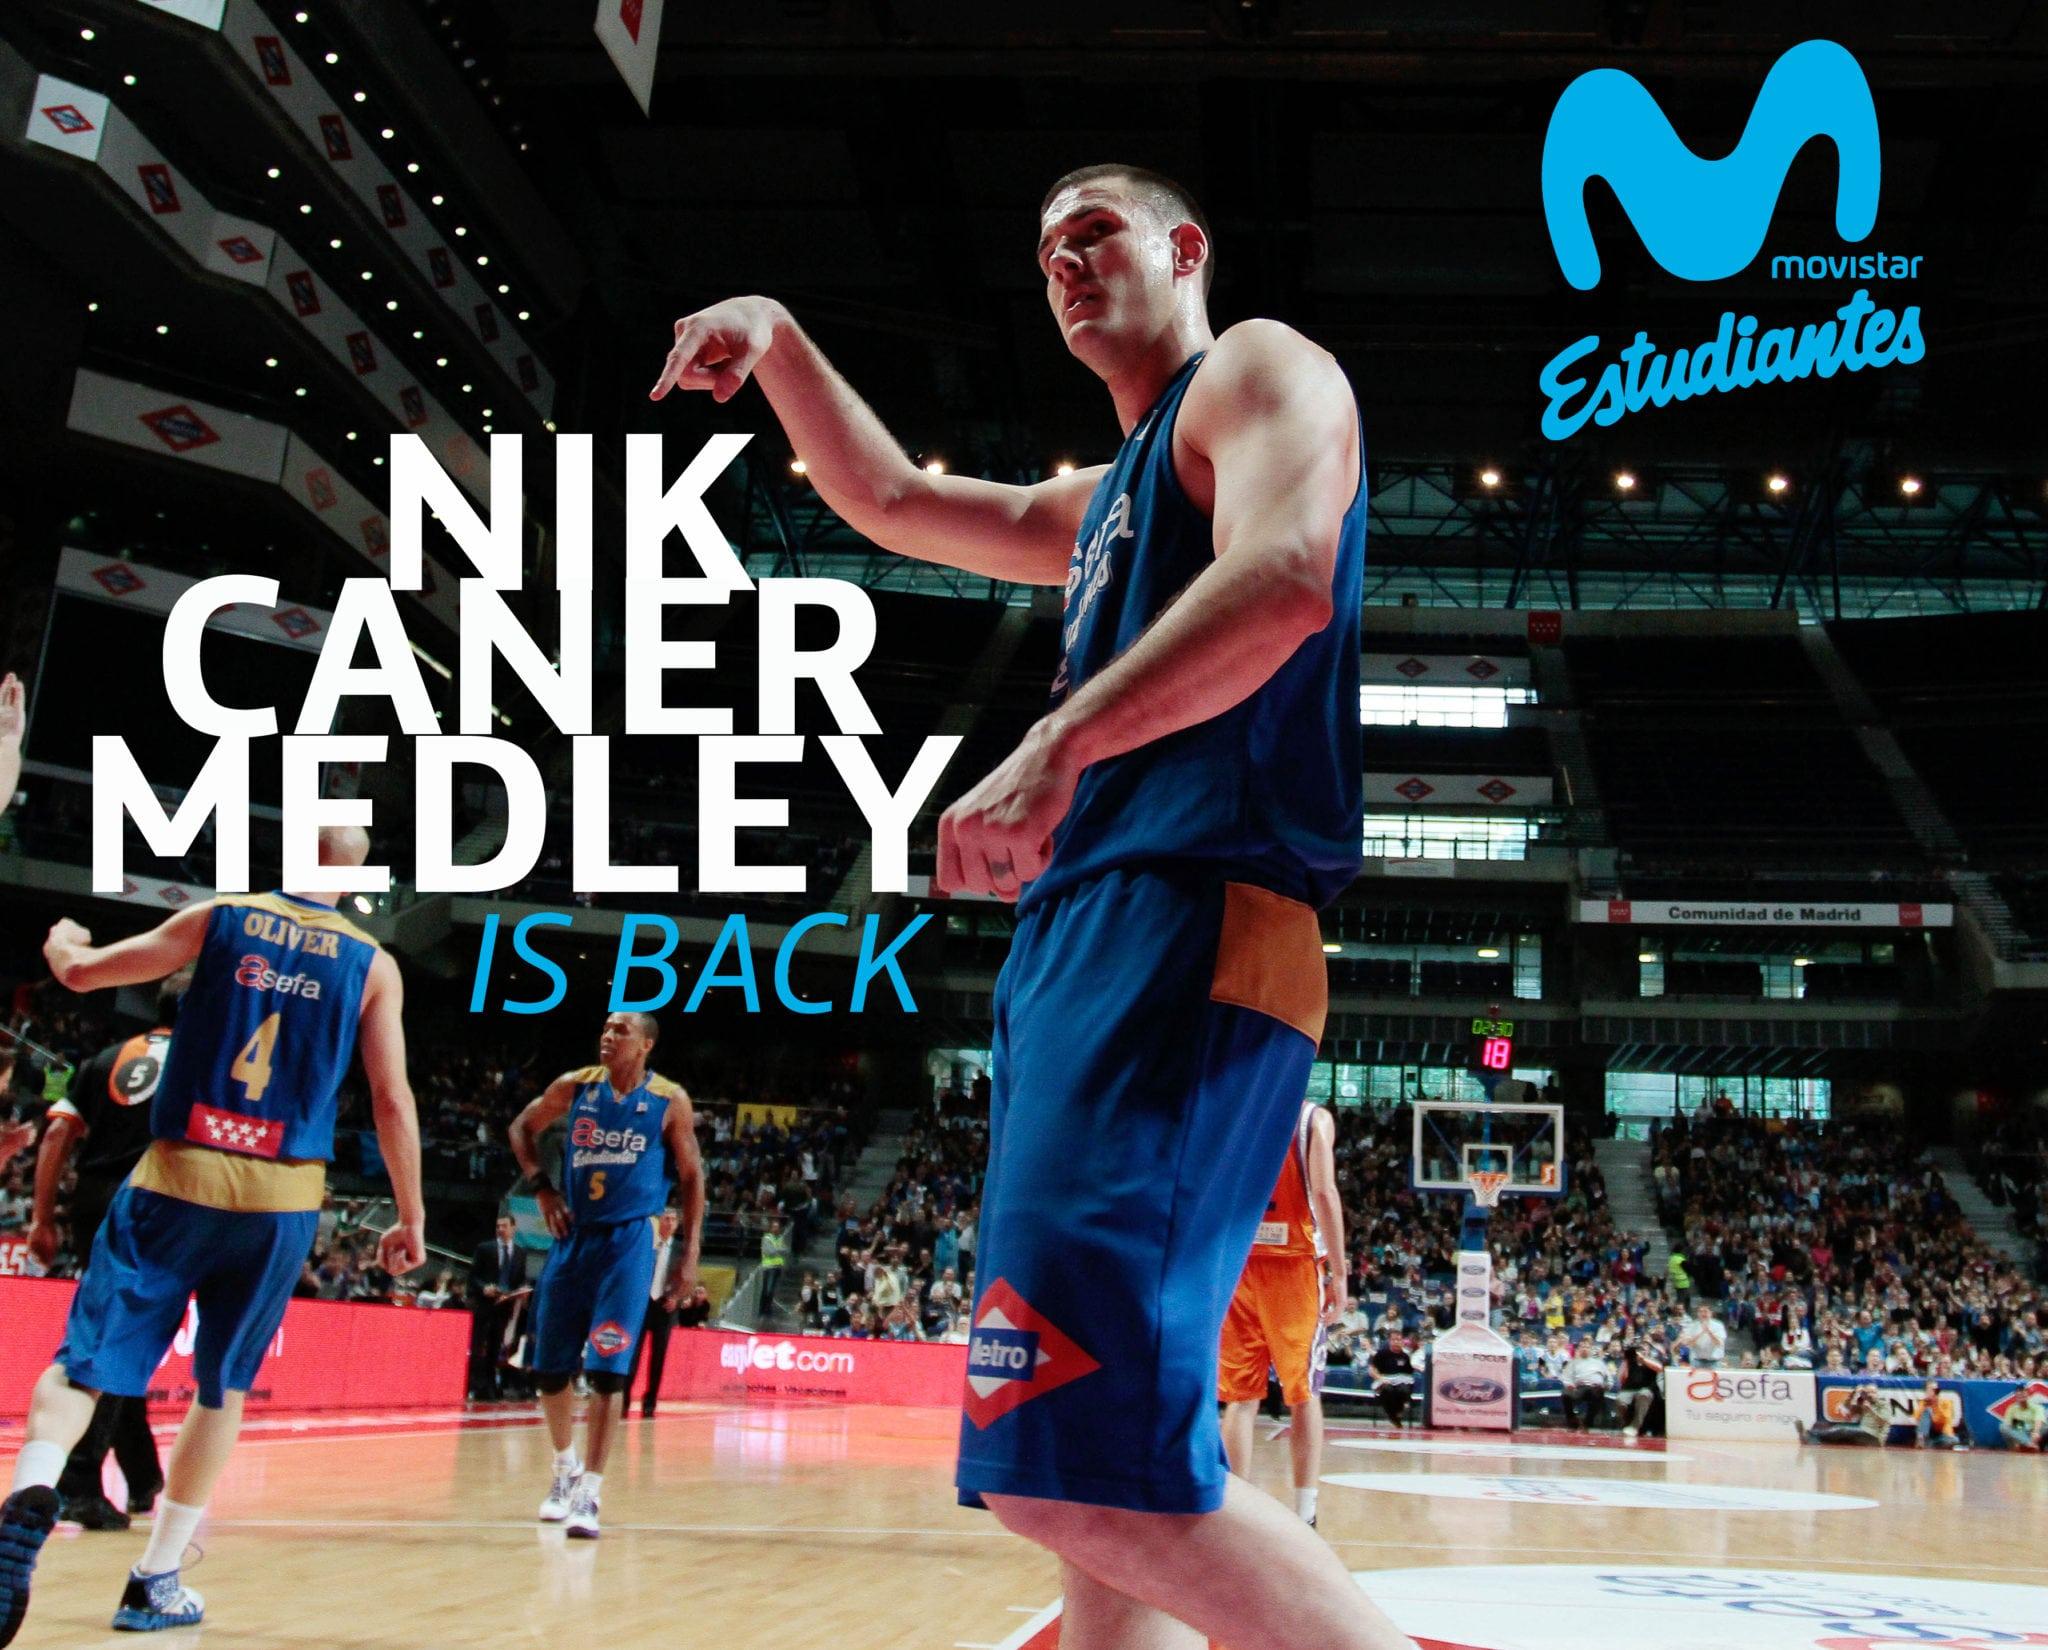 Nik Caner-Medley regresa a Movistar Estudiantes